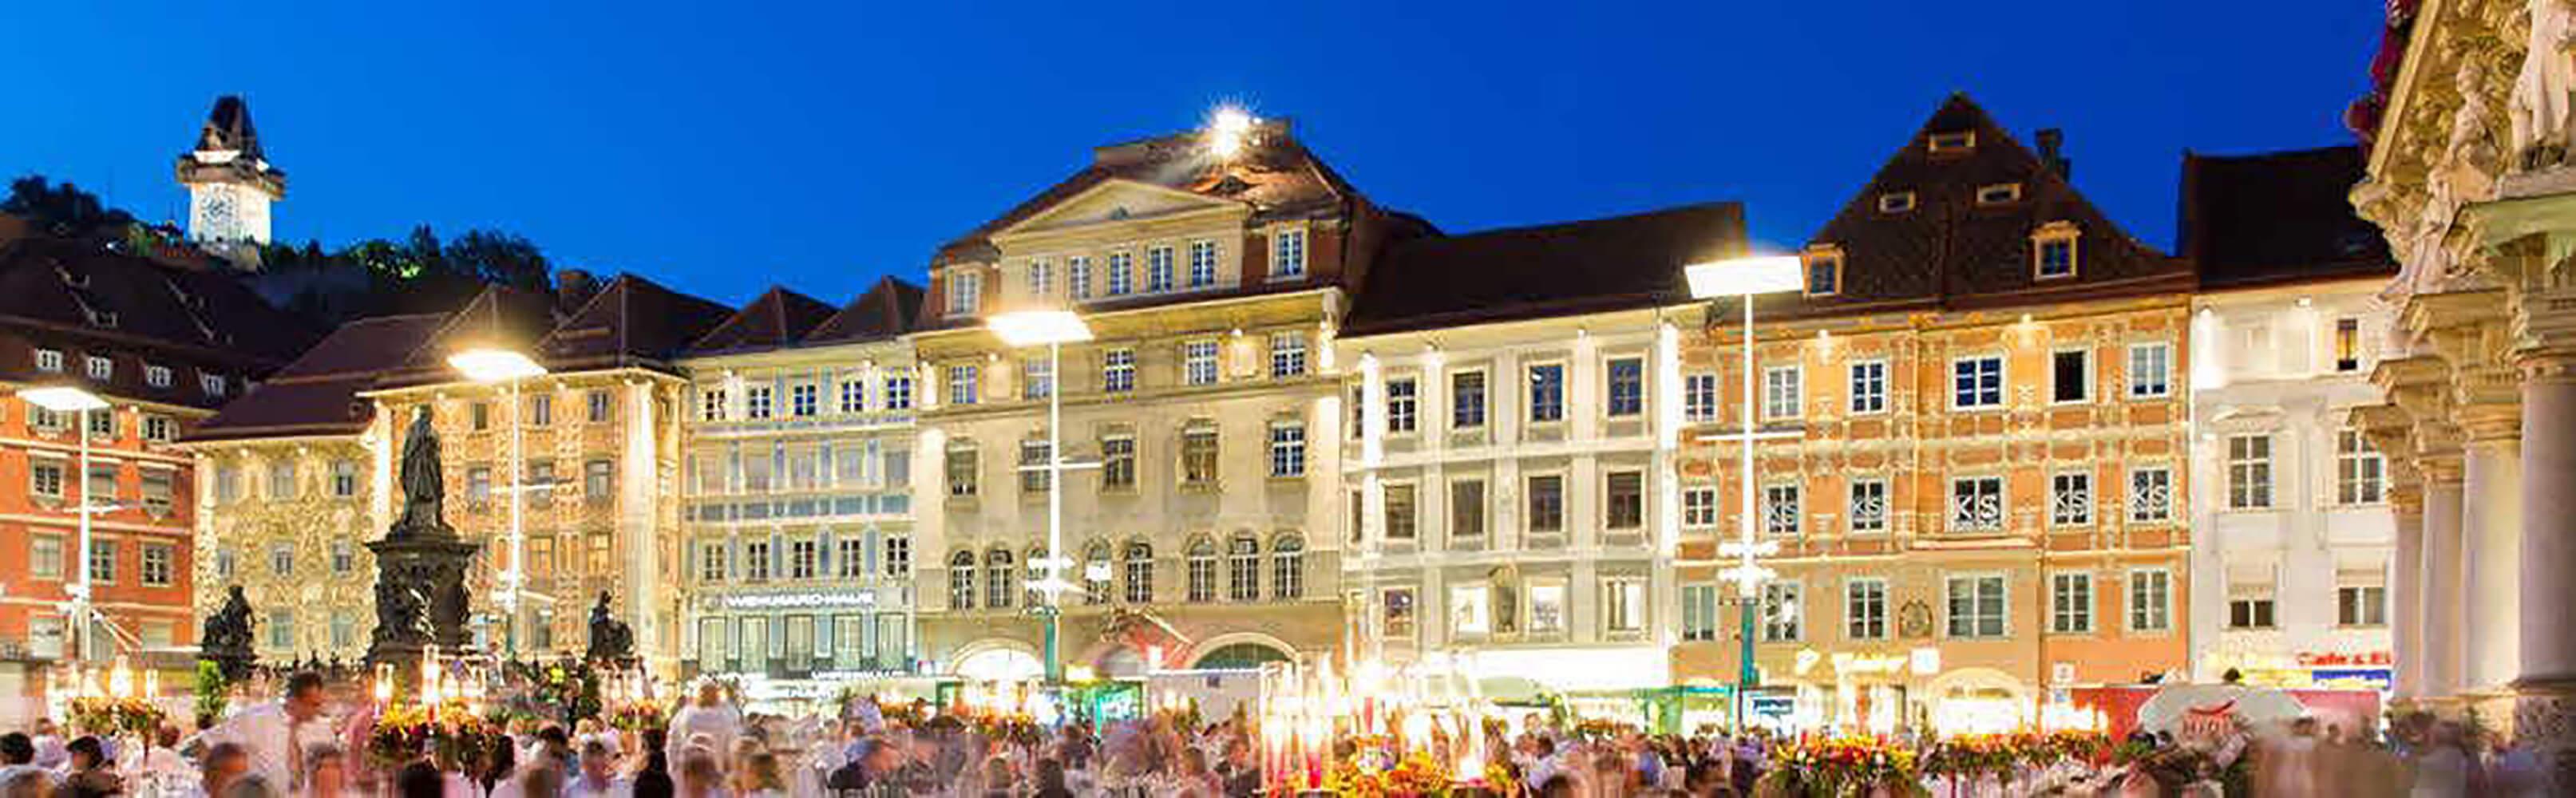 Graz die Landeshauptstadt der Steiermark 1